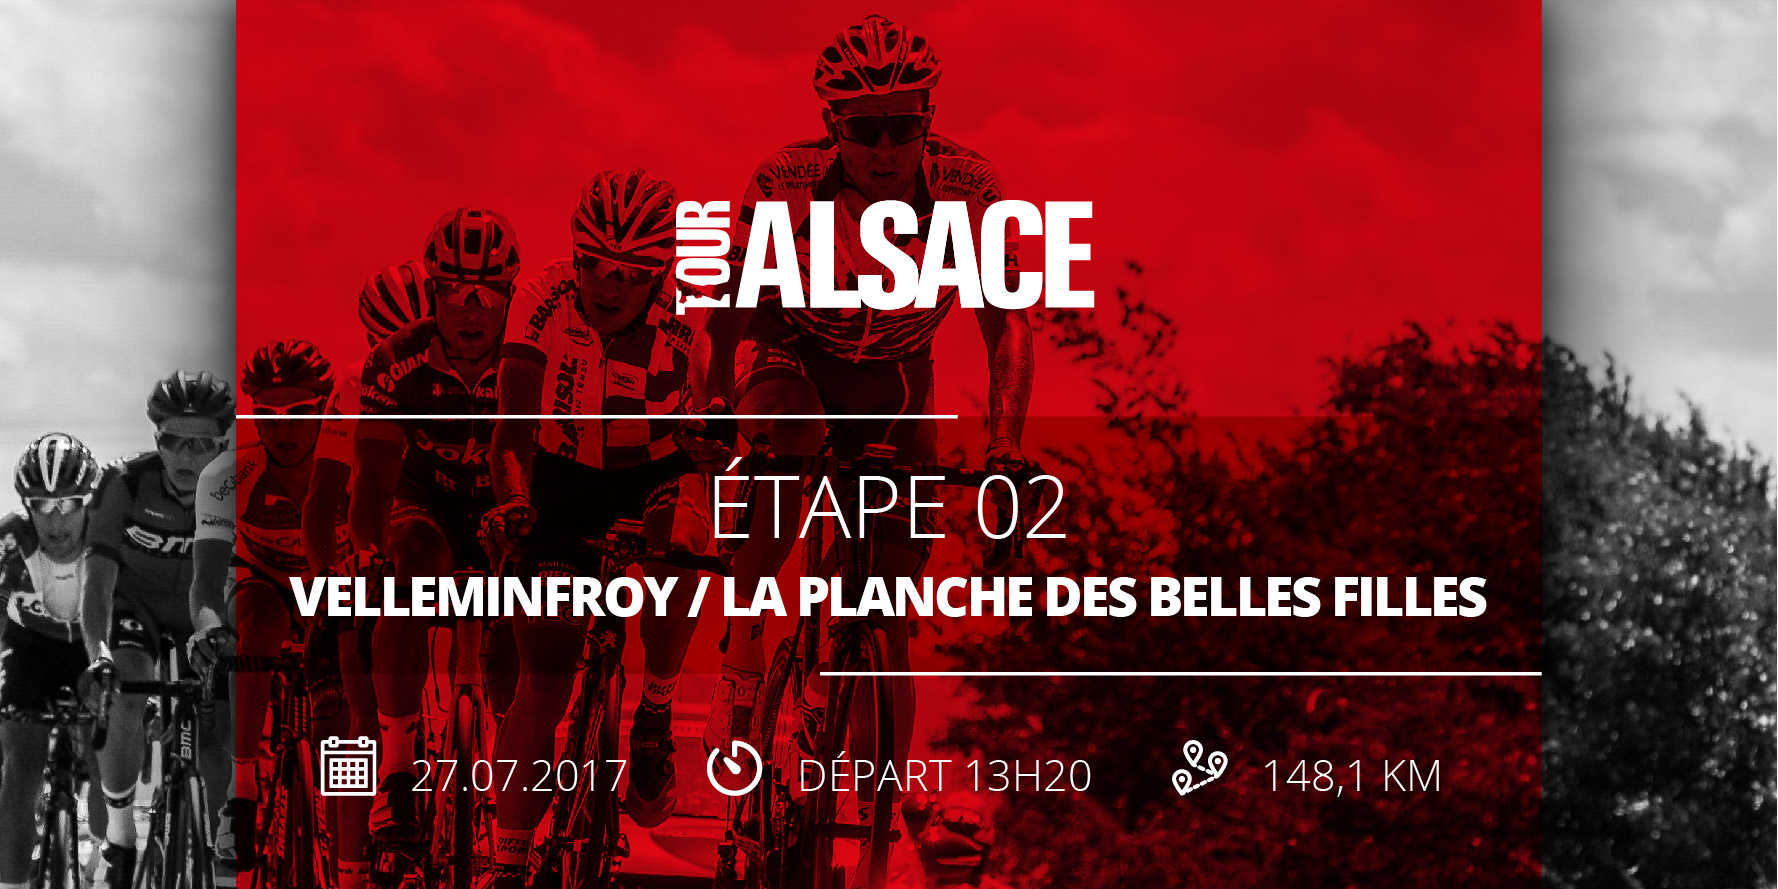 Tour Alsace cycliste 2017 essayé 2 velleminfroy la planche des belles filles